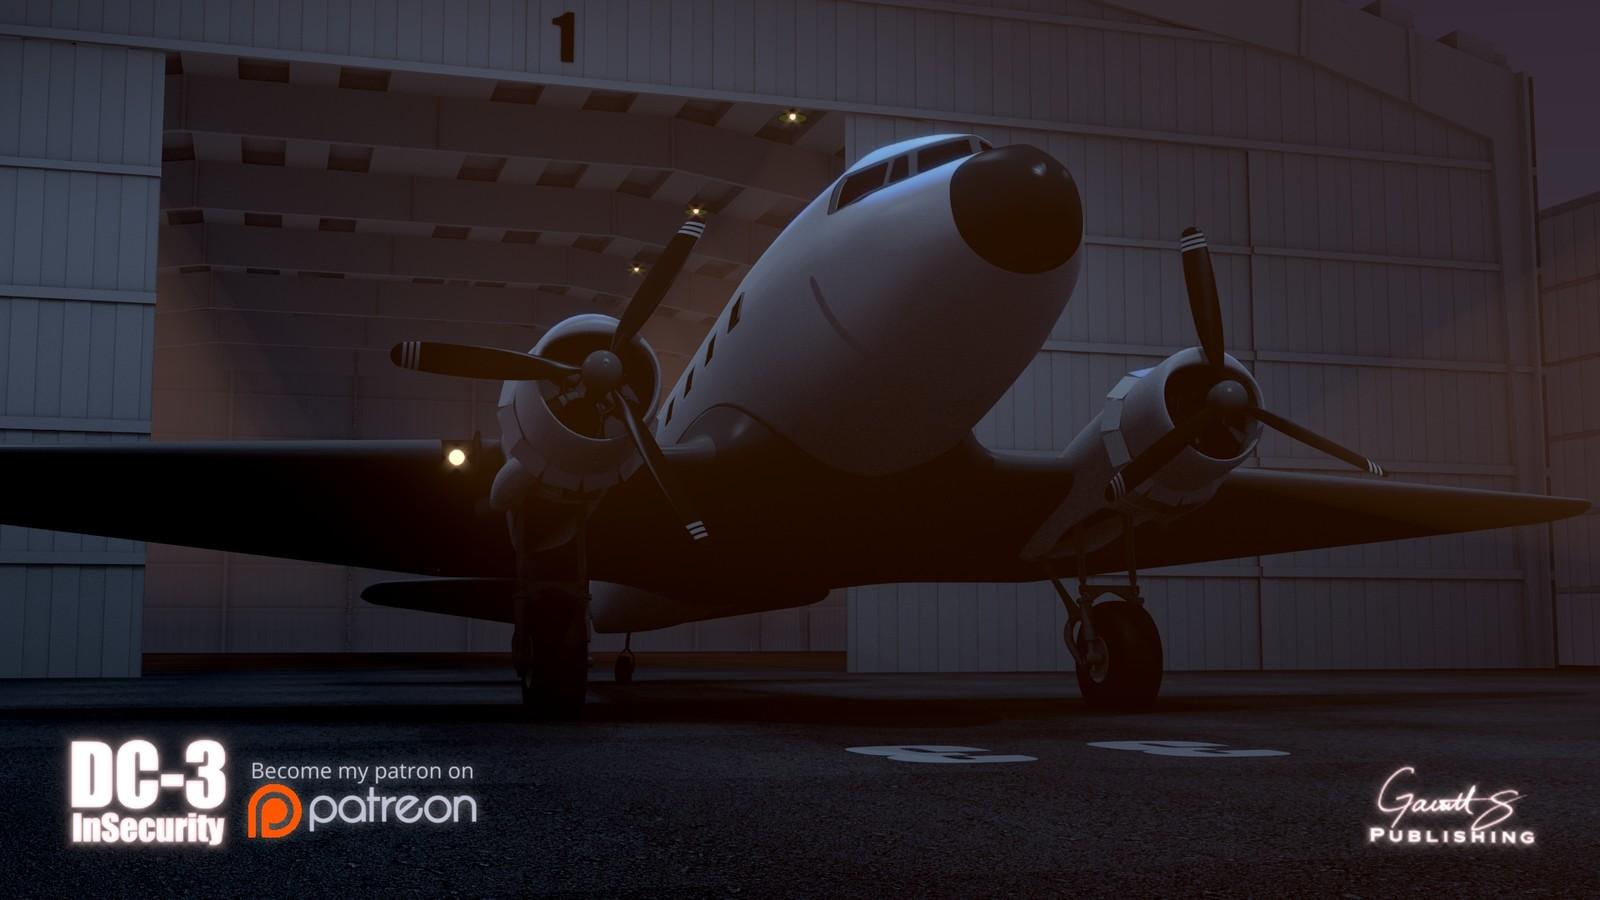 DC-3 model in scene